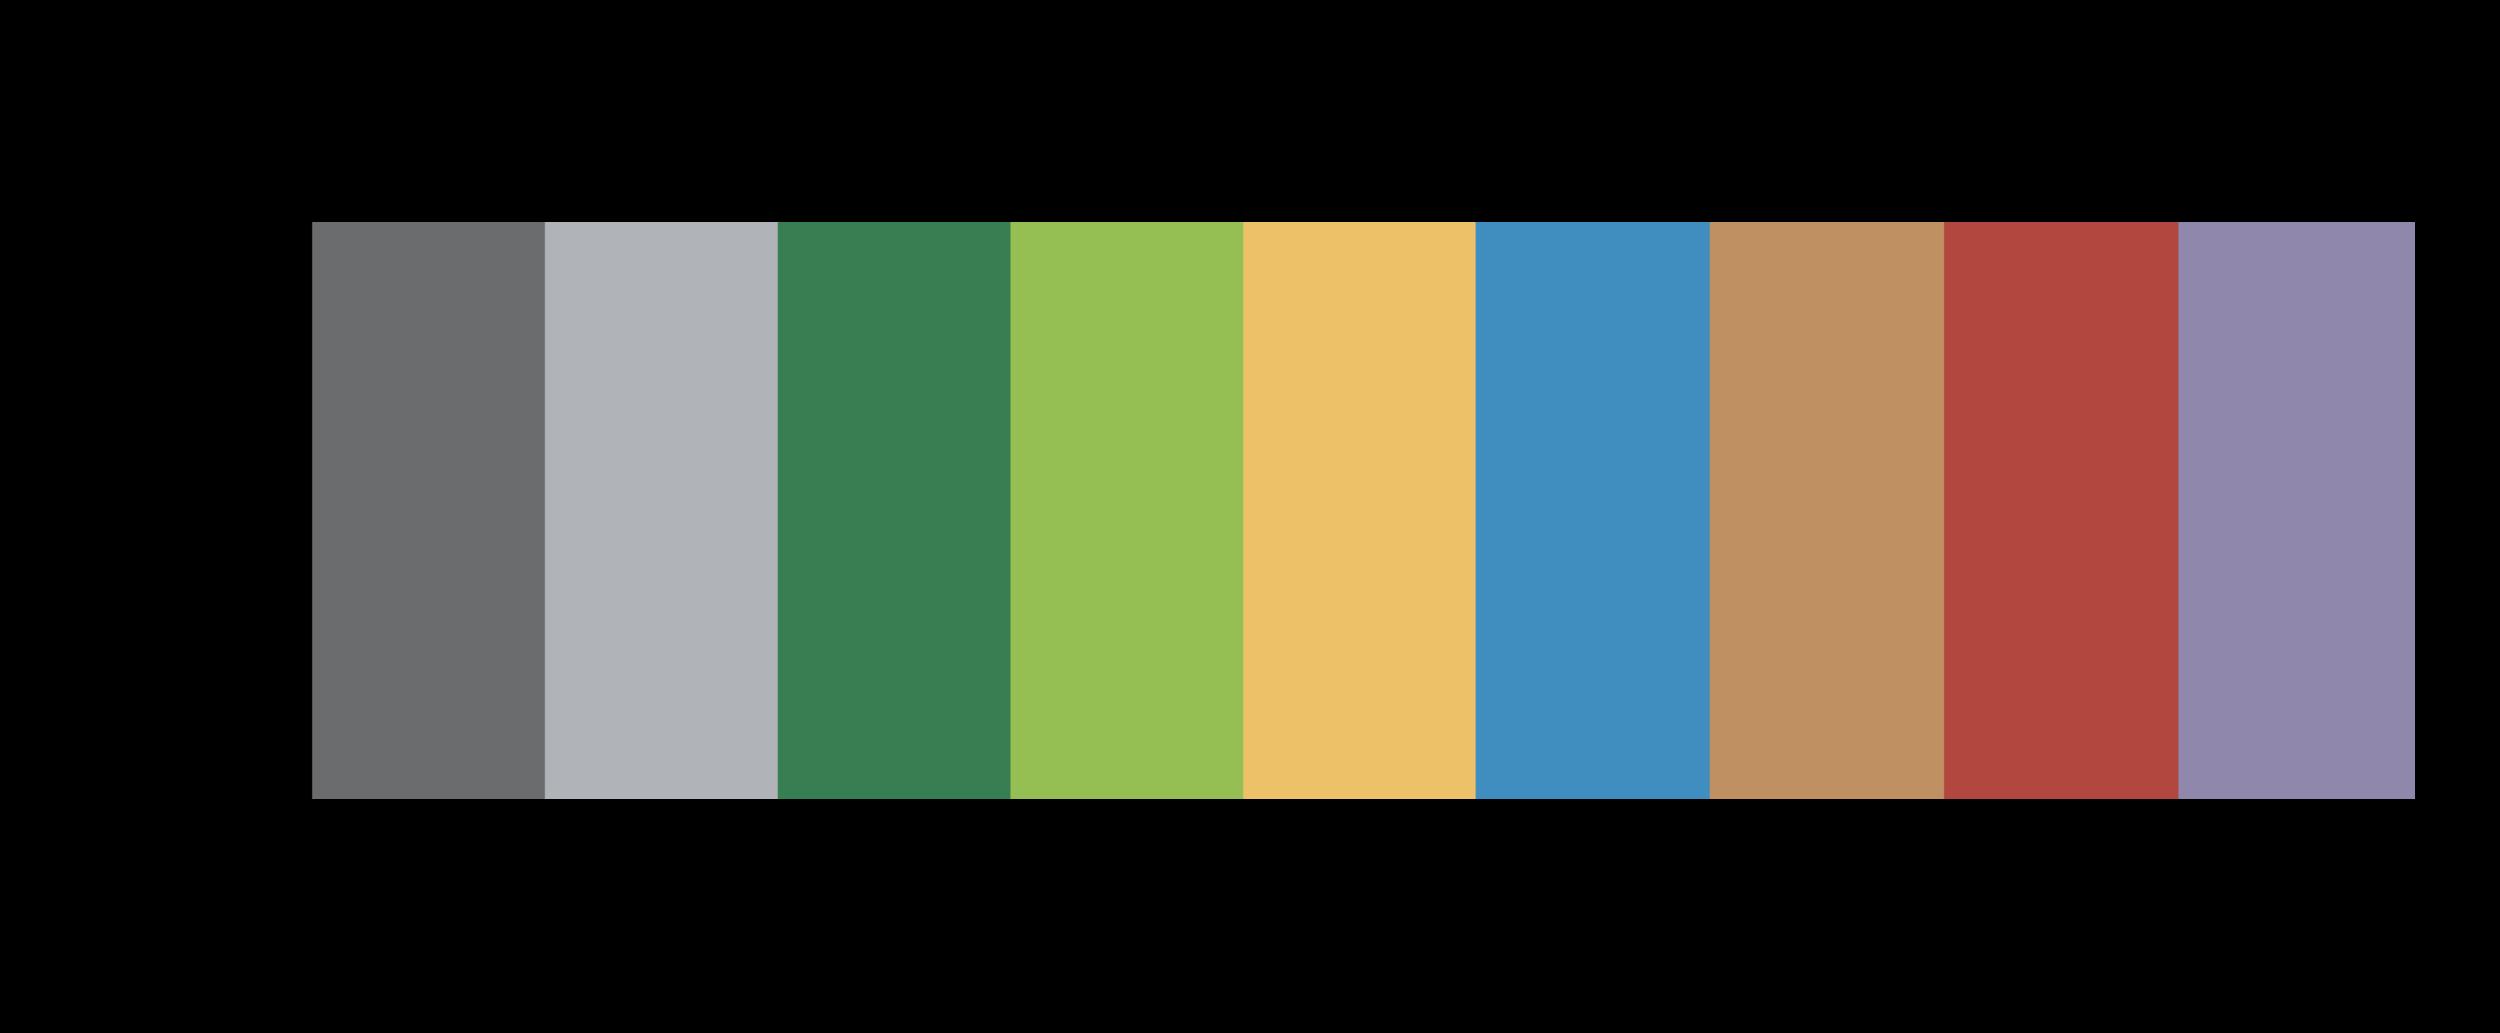 TMNT Color Palette